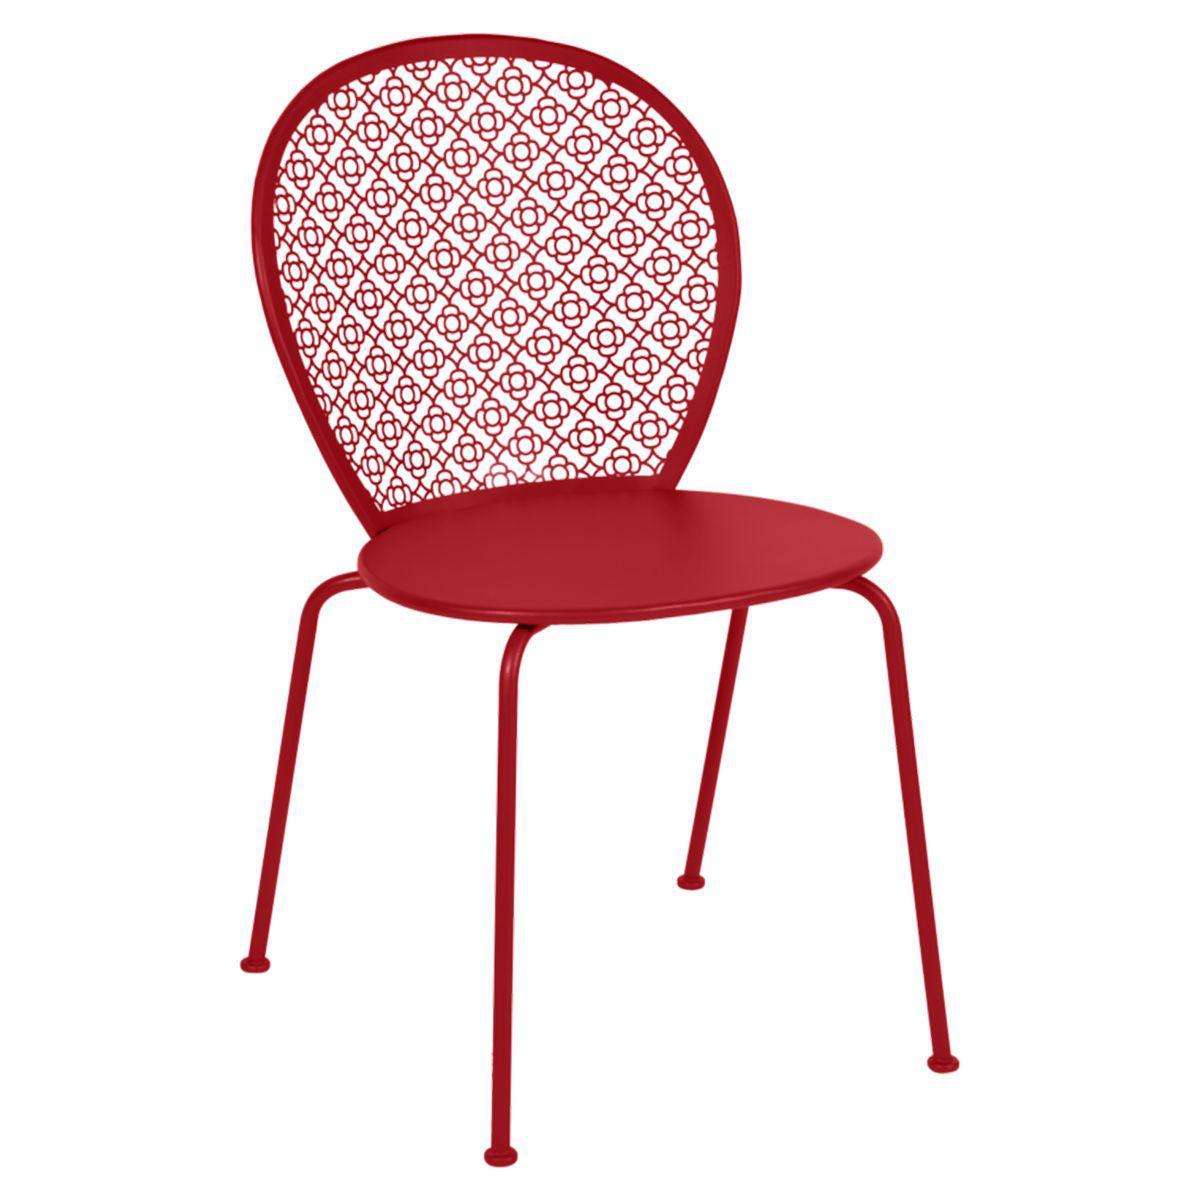 Chaise LORETTE Fermob rouge coquelicot